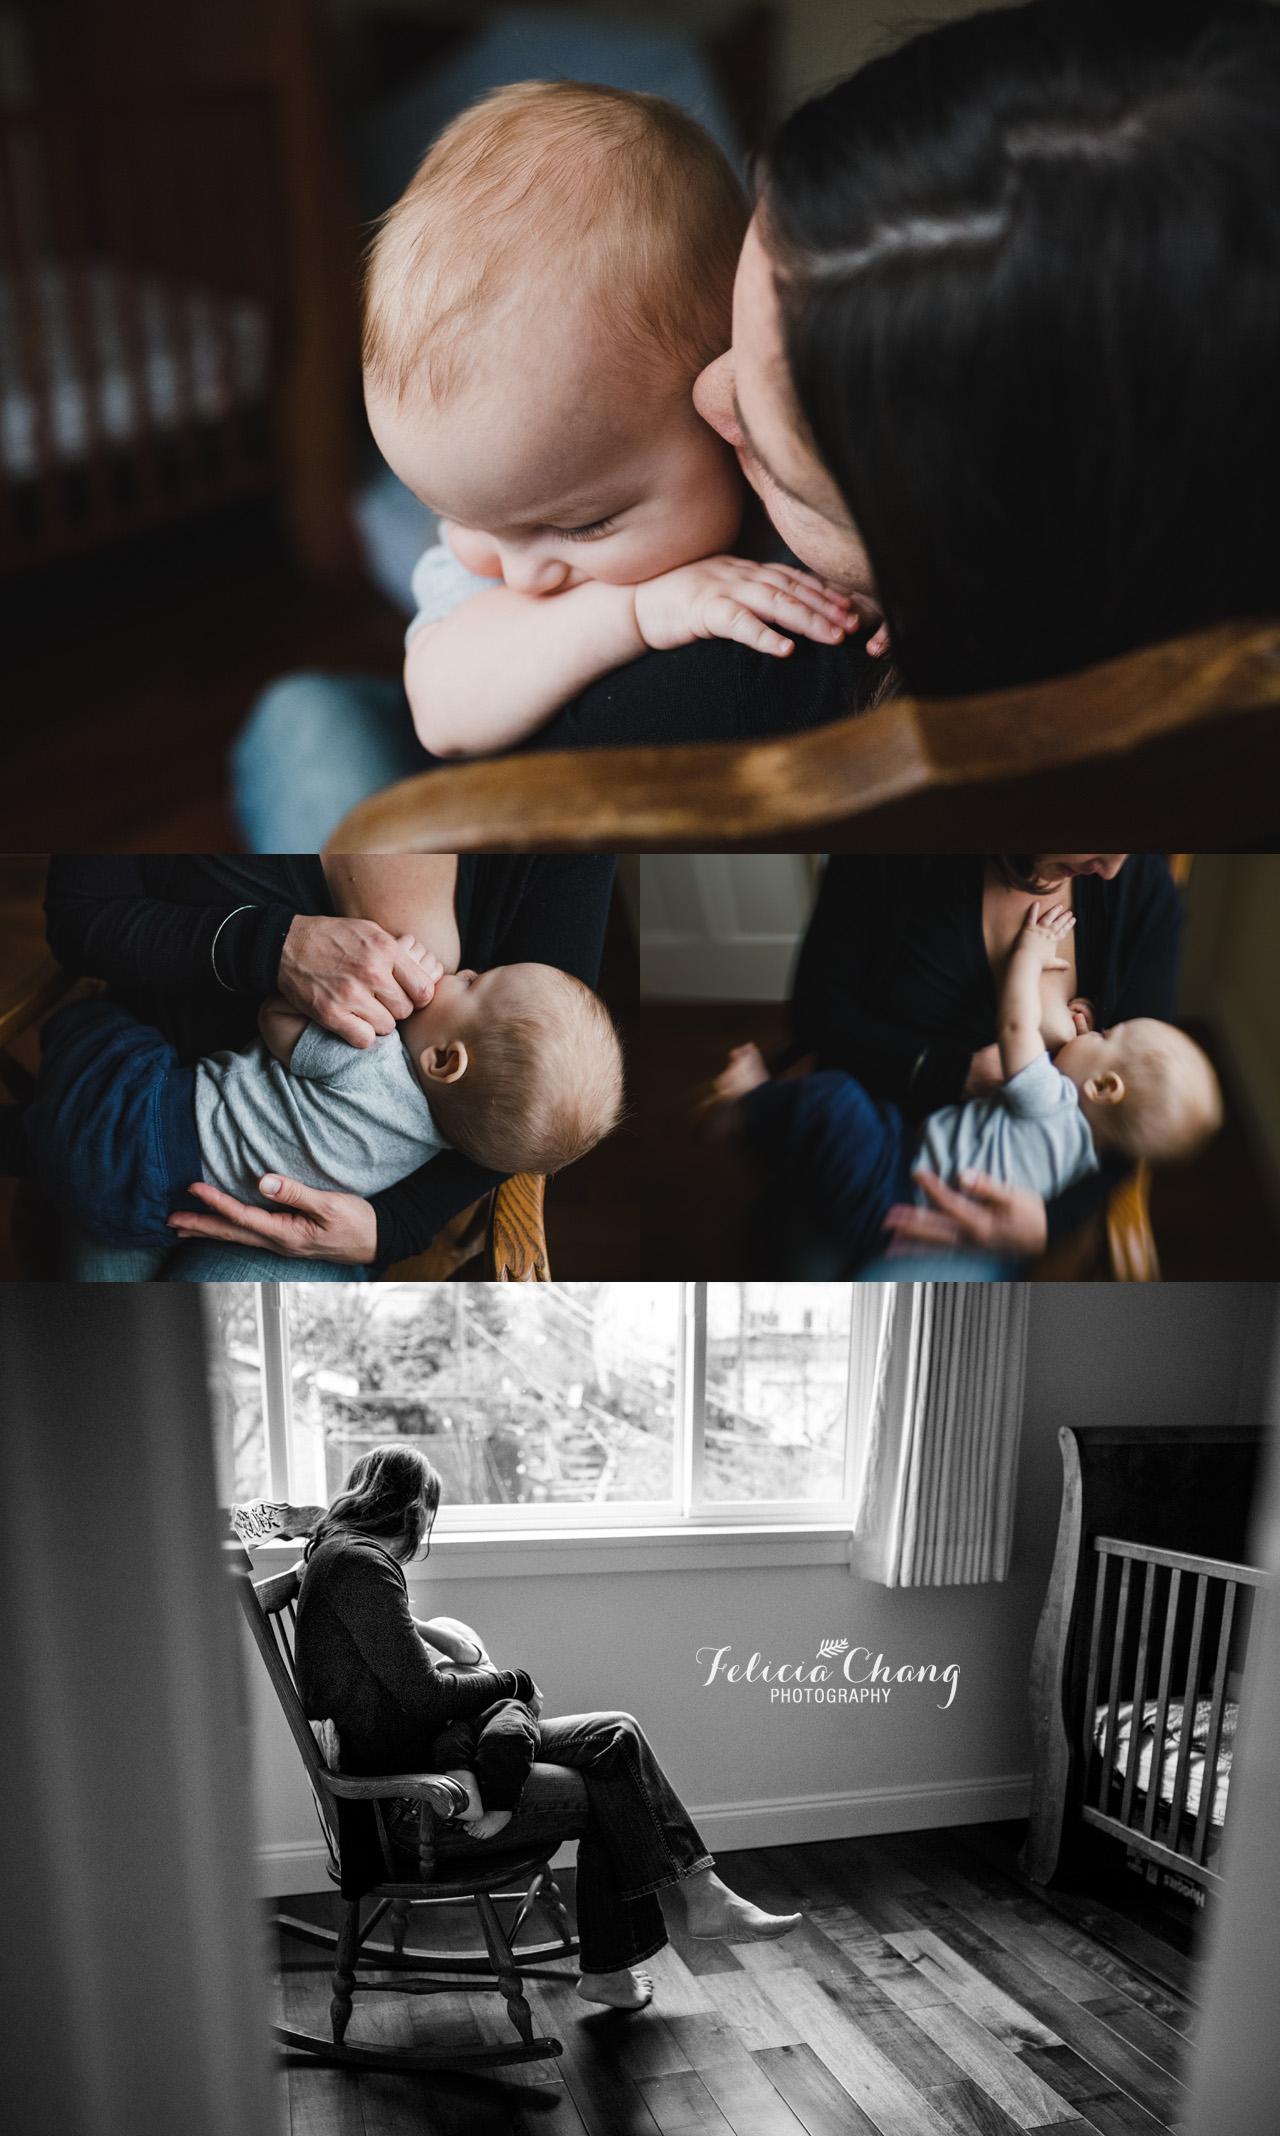 vancouver breastfeeding photos | Felicia Chang Photography